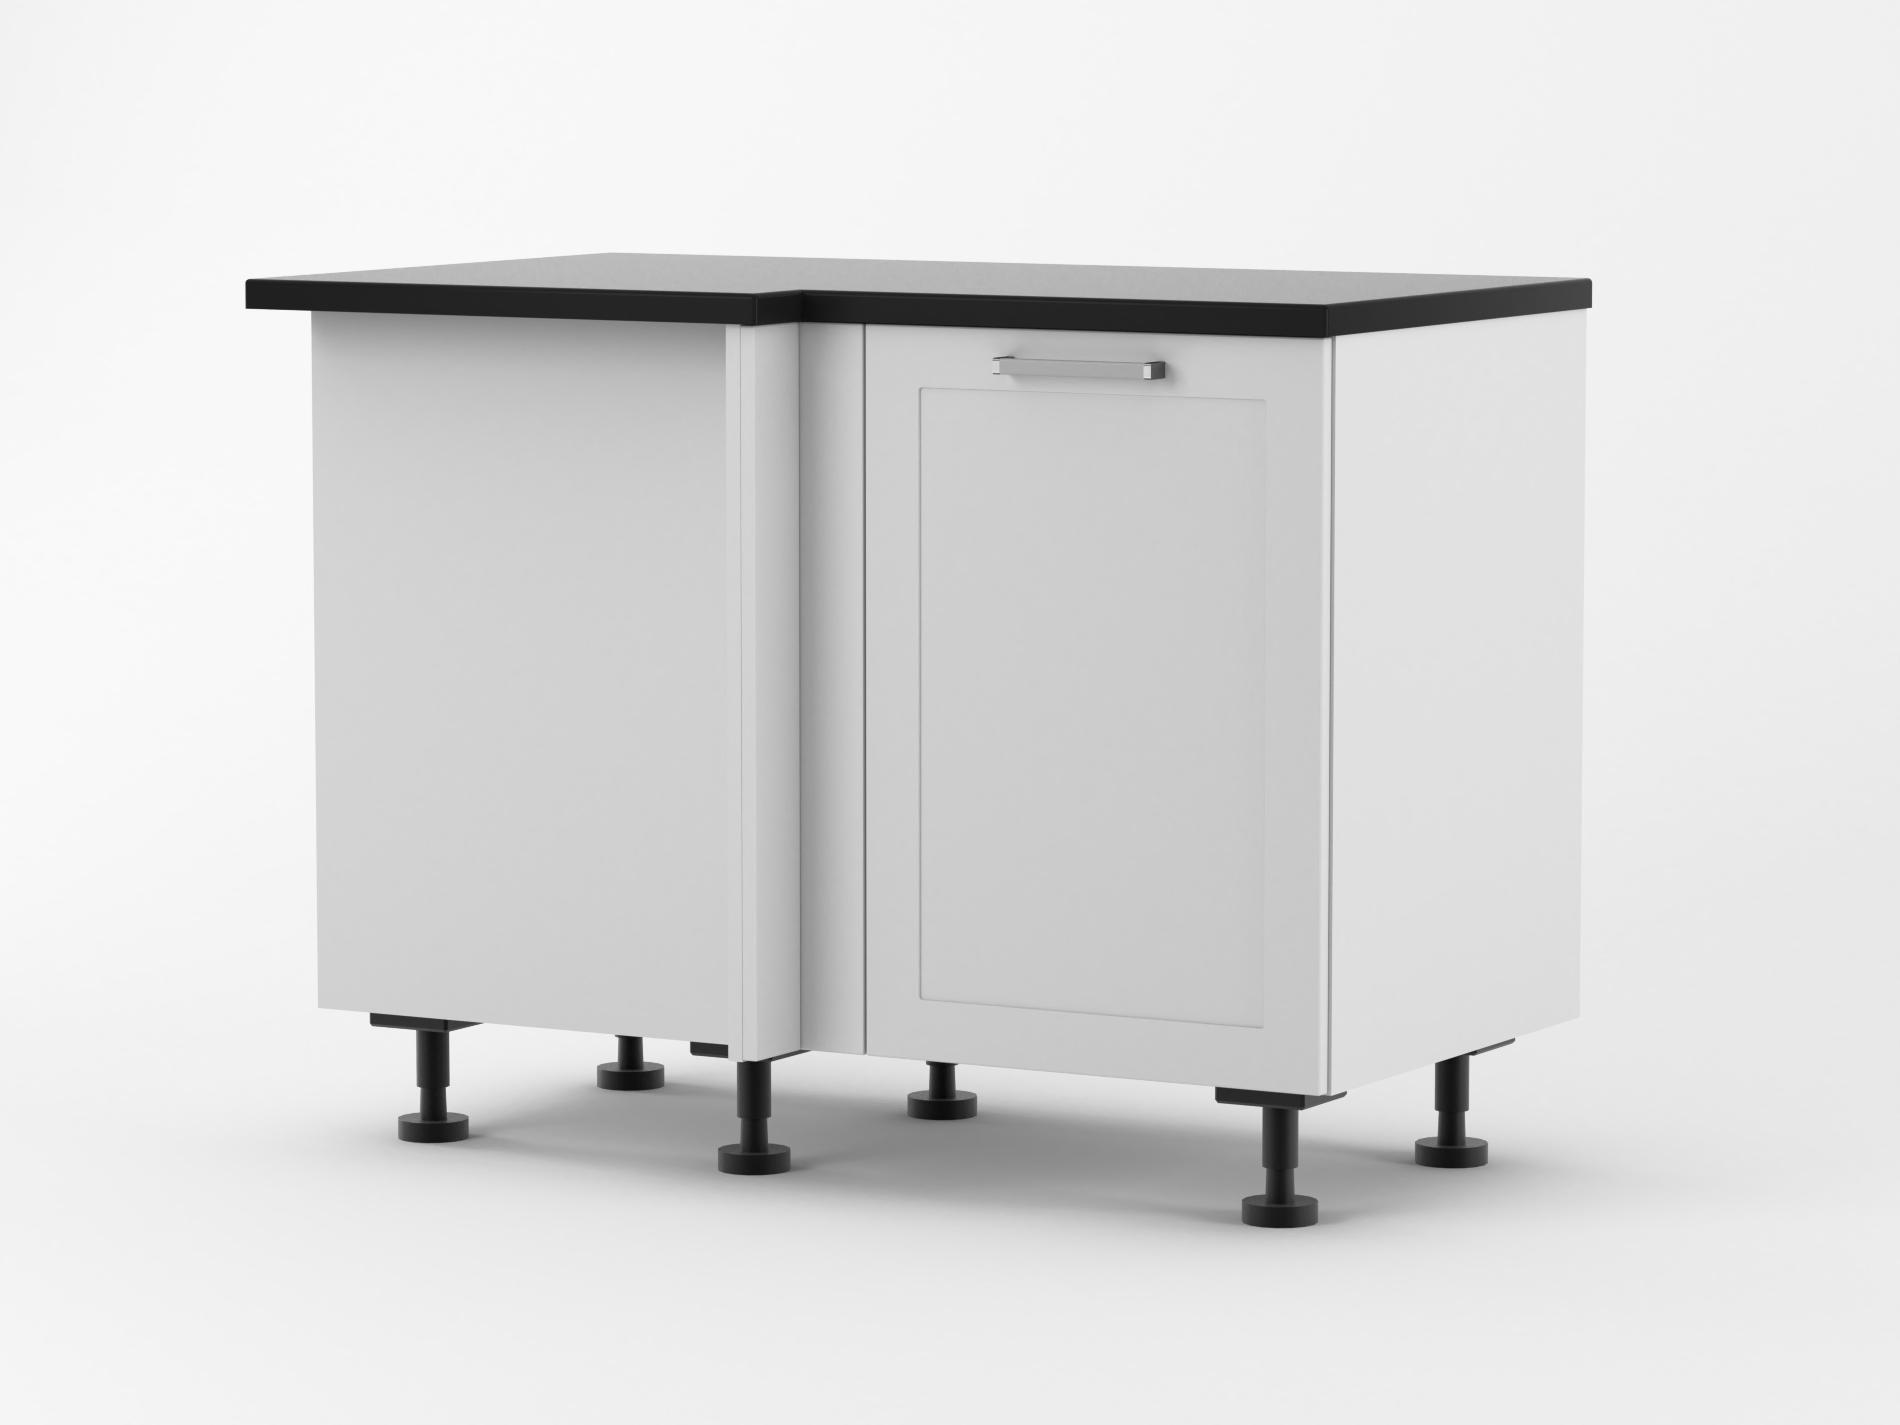 Oxford - 1250mm wide Blind Corner Base Cabinet | Kitchen ...